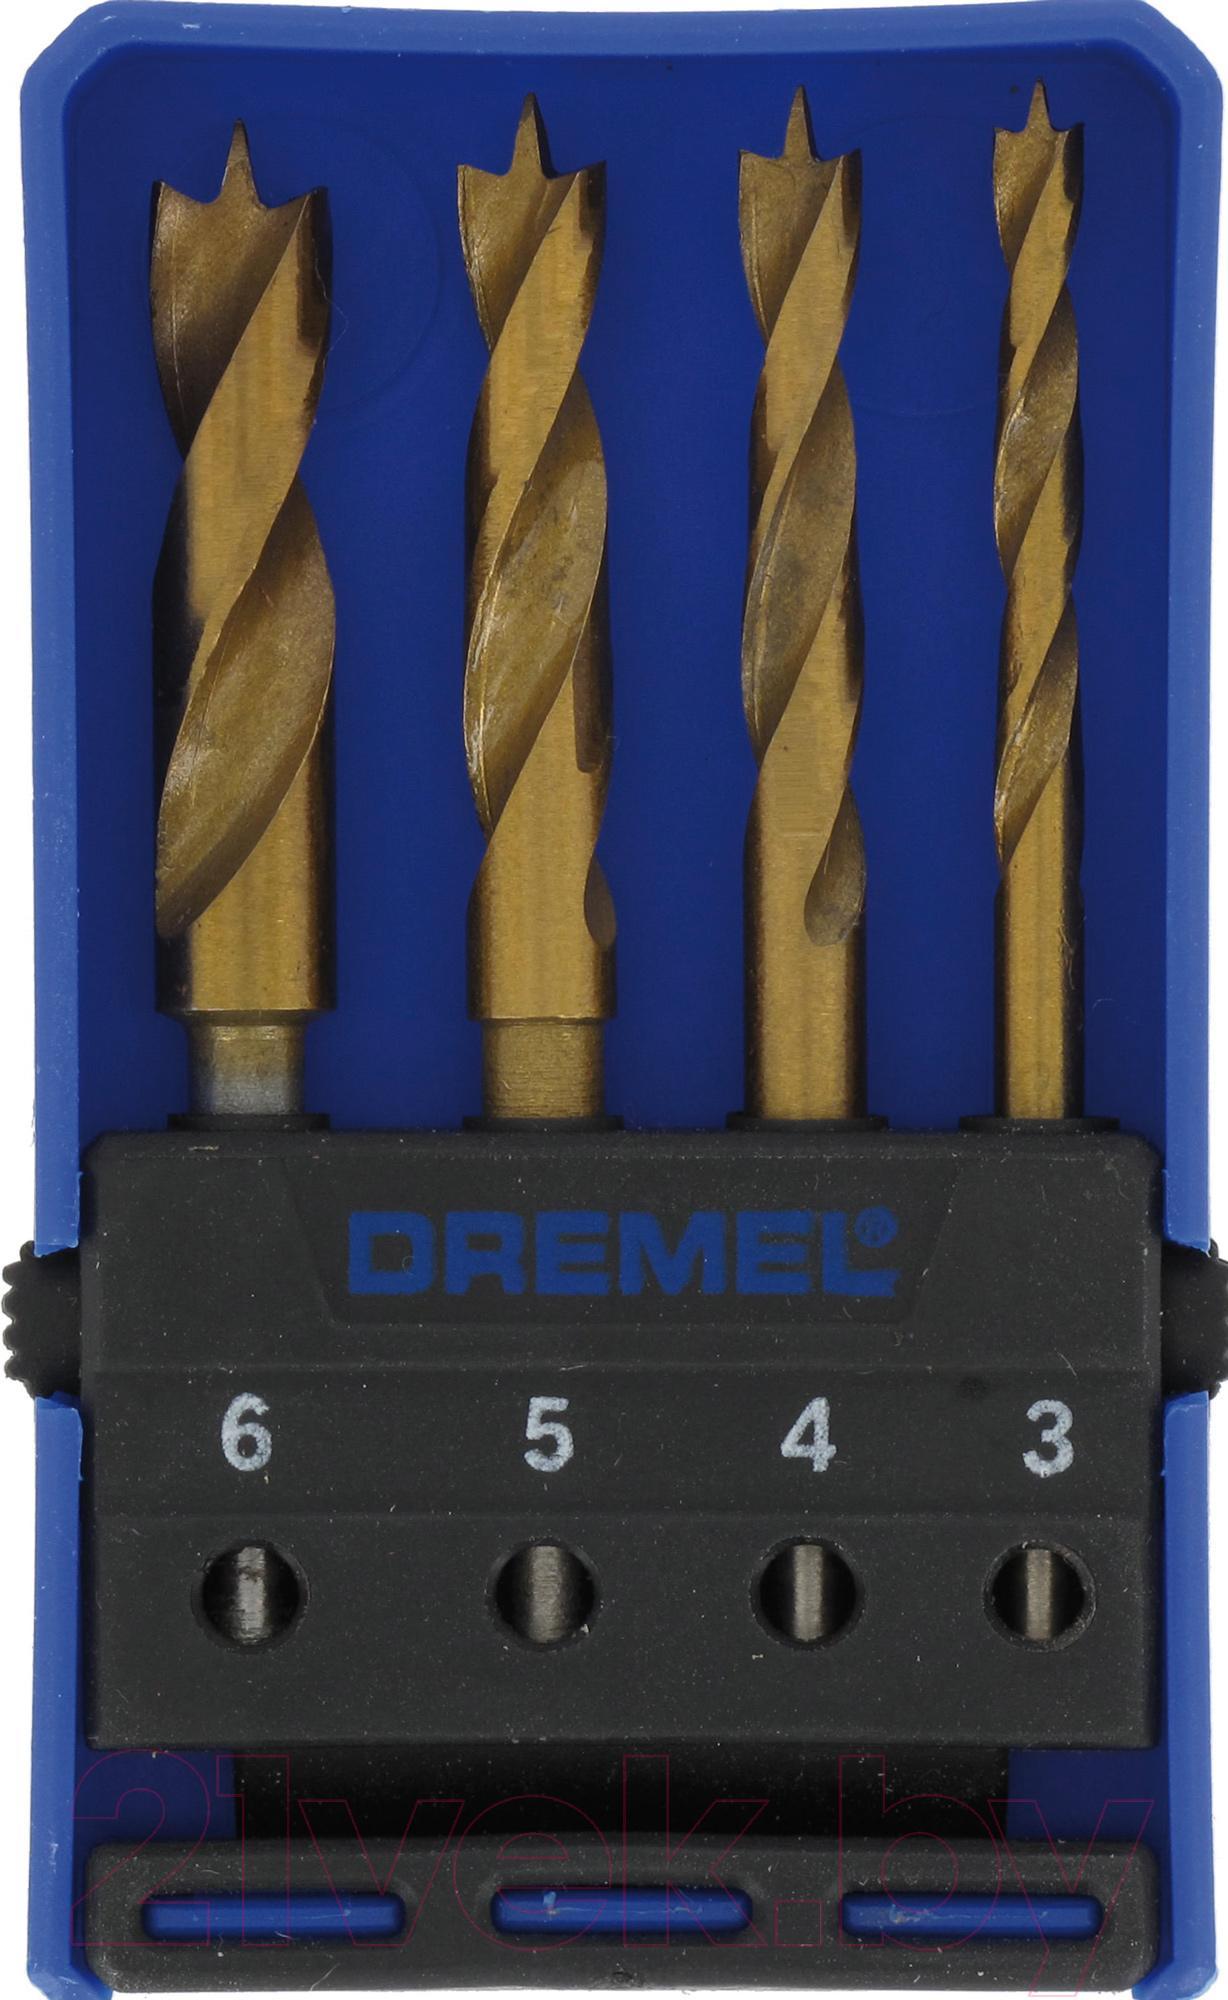 Купить Набор сверл Dremel, 2.615.063.6JA, Китай